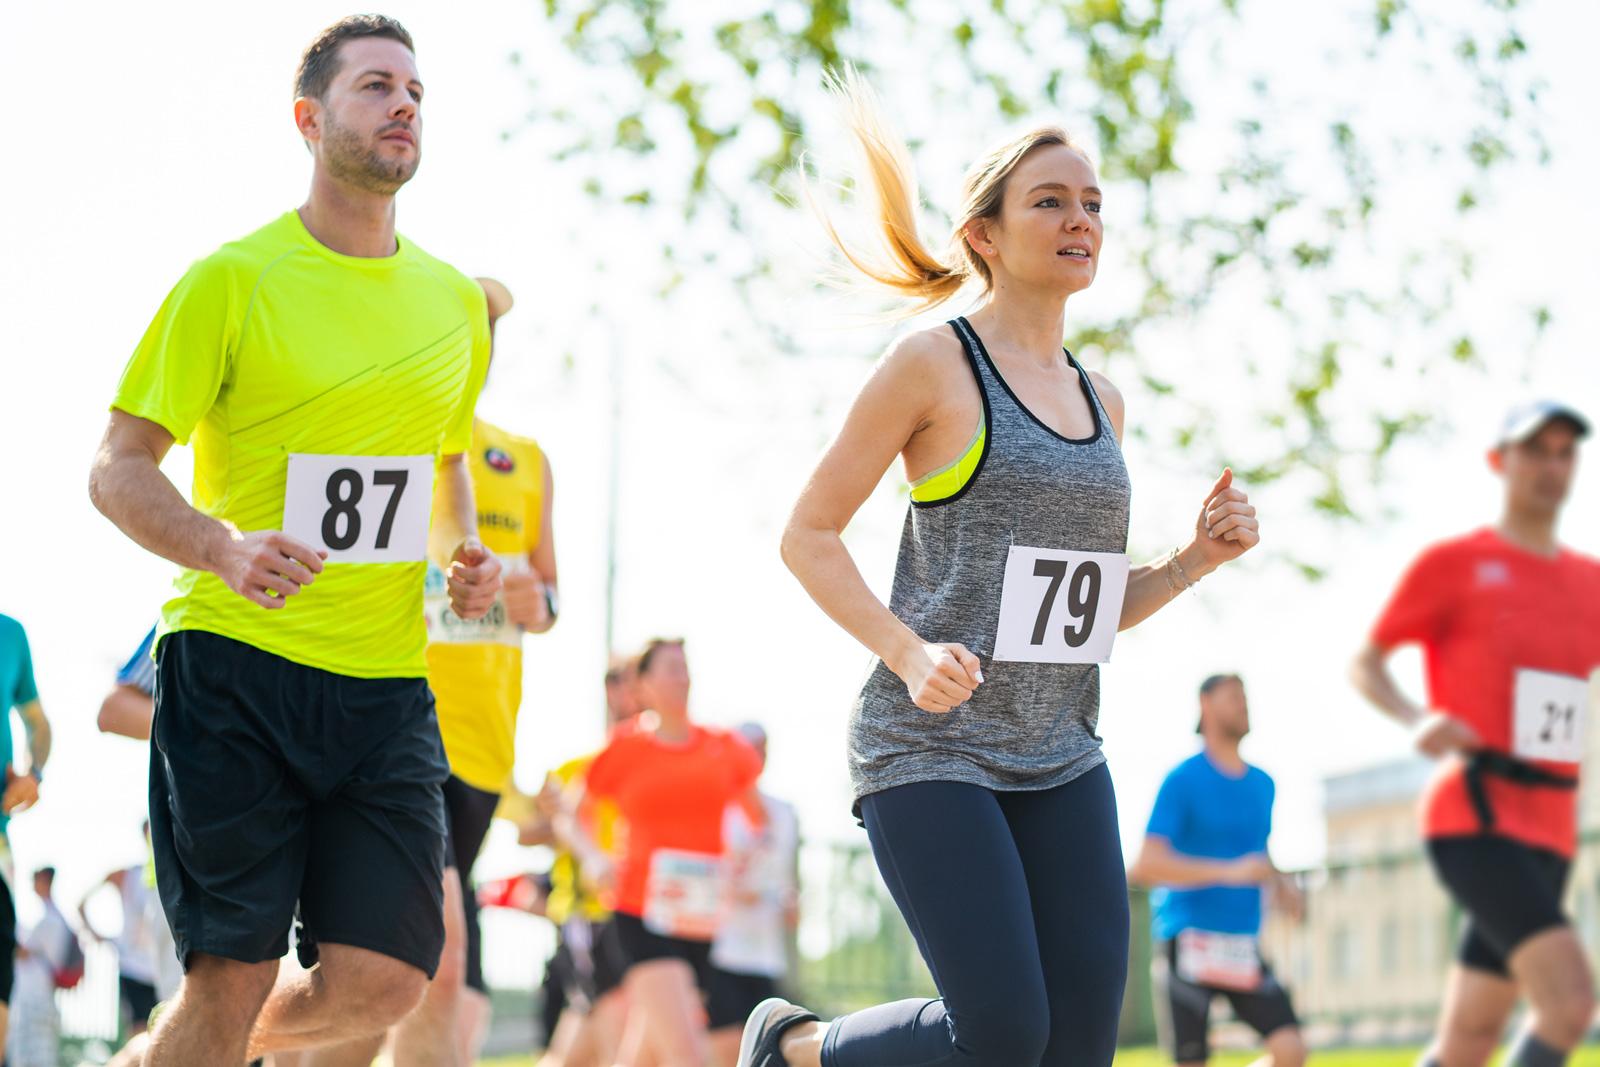 Der Vienna City Marathon, der größte Marathon Österreichs, findet seit 1984 statt.